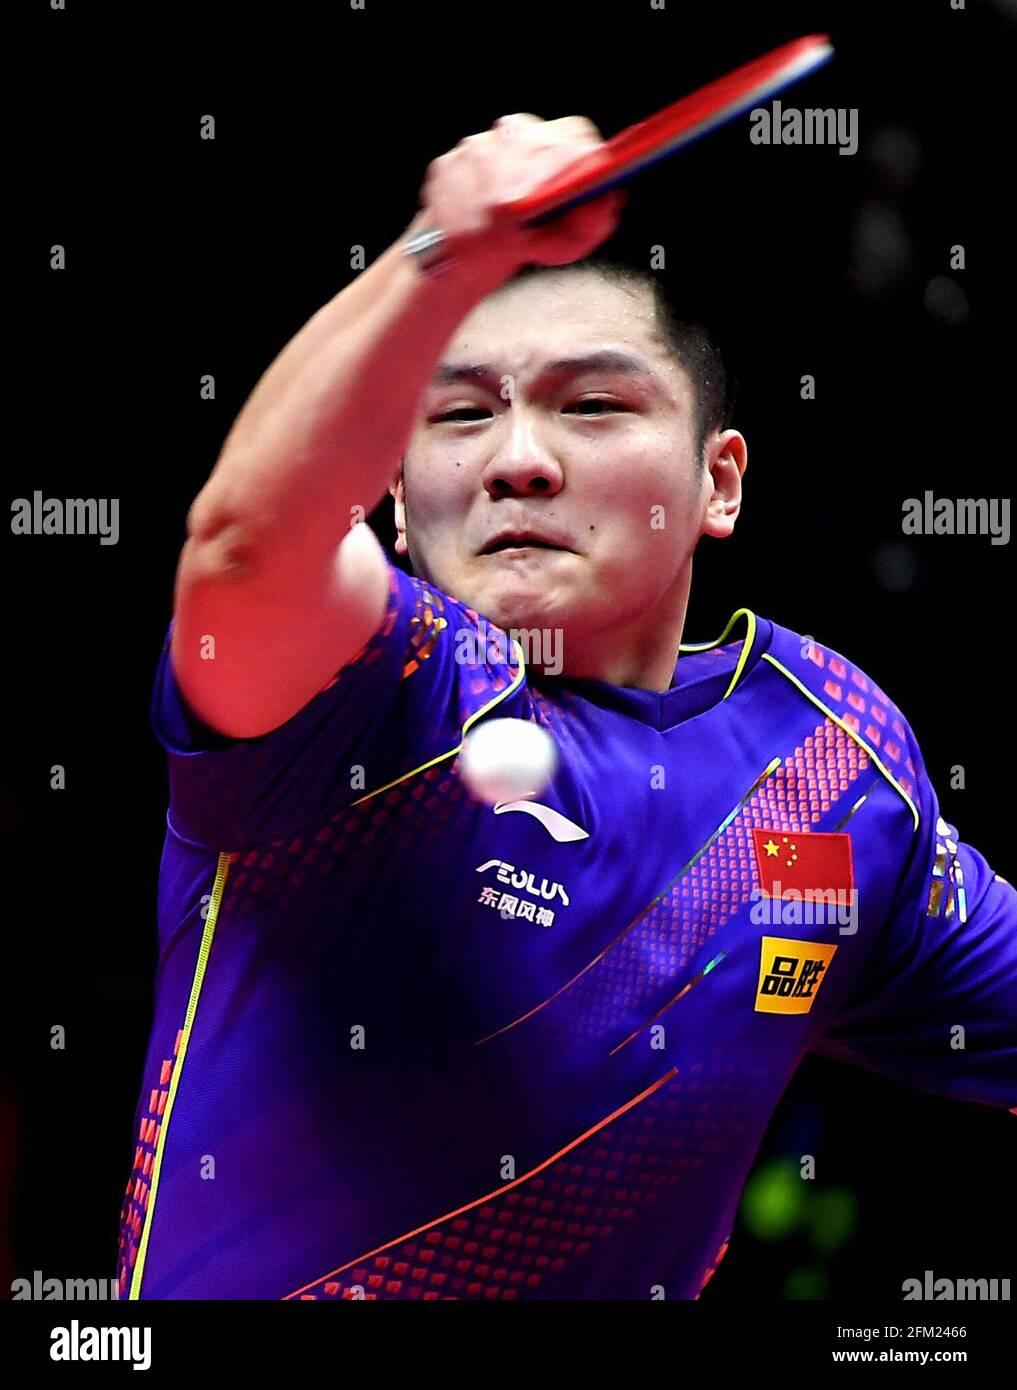 Xinxiang, province chinoise du Henan. 5 mai 2021. Fan Zhendong retourne le ballon lors de la quart-finale des hommes contre Lin Shidong lors des essais de Grand smashes de WTT (World Table tennis) 2021 et de la simulation olympique à Xinxiang, dans la province de Henan, dans le centre de la Chine, le 5 mai 2021. Credit: Li an/Xinhua/Alay Live News Banque D'Images